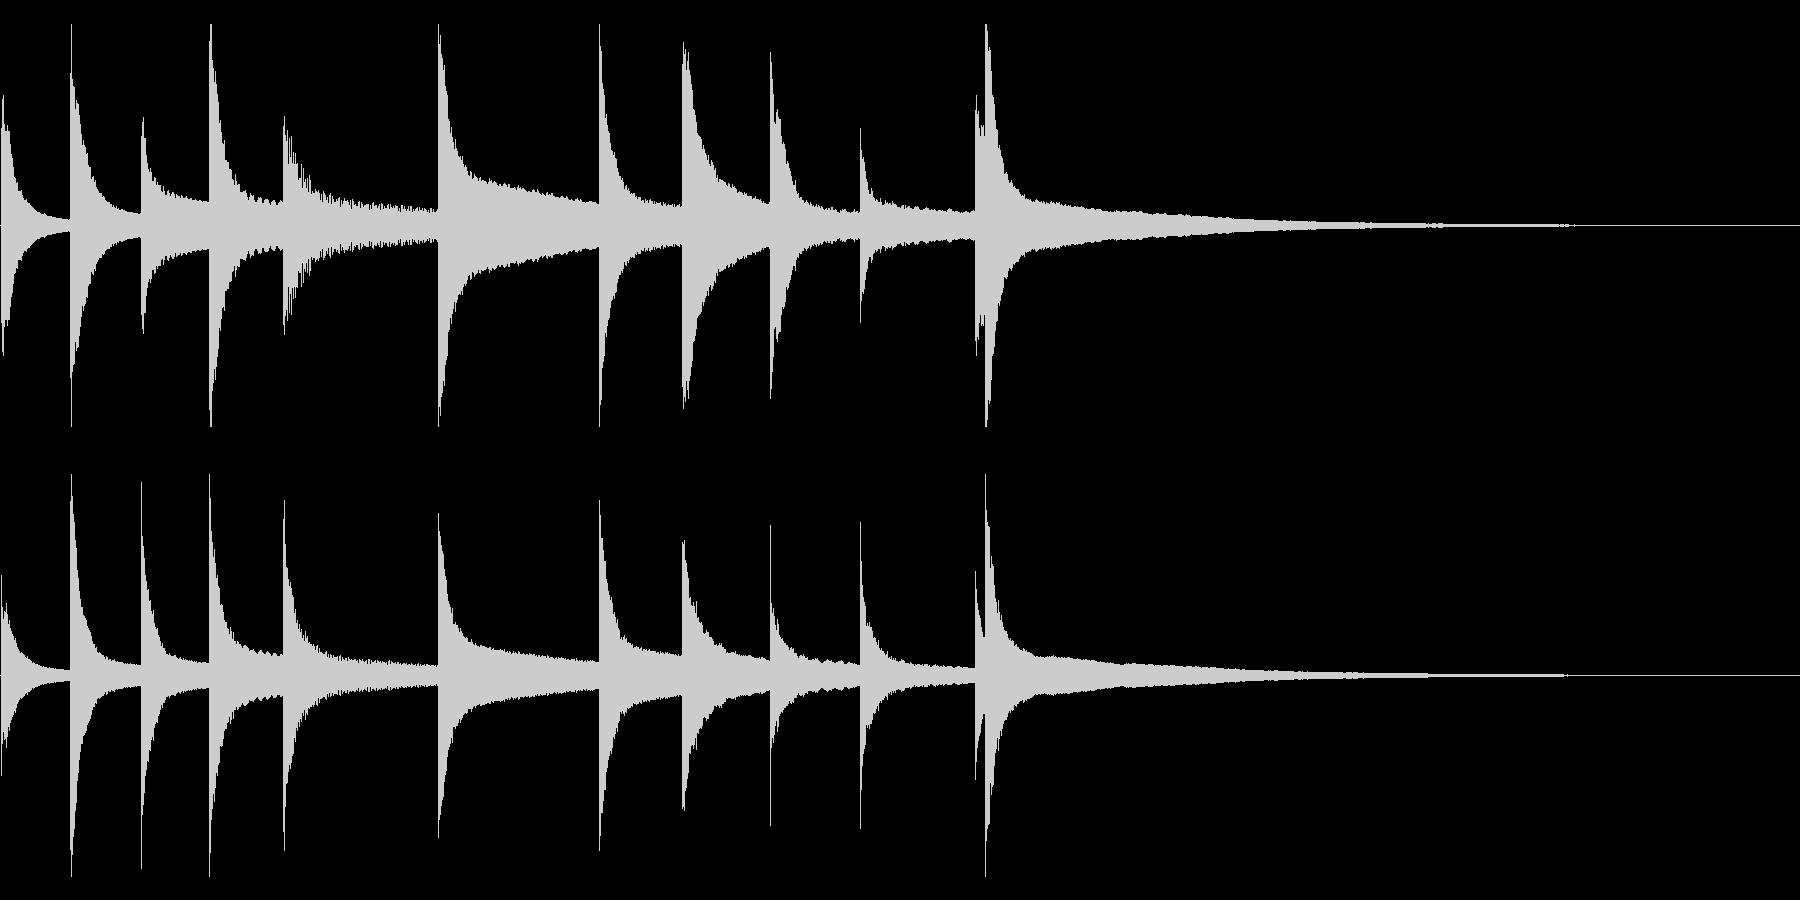 オーケストラベル:ミュージカルアク...の未再生の波形